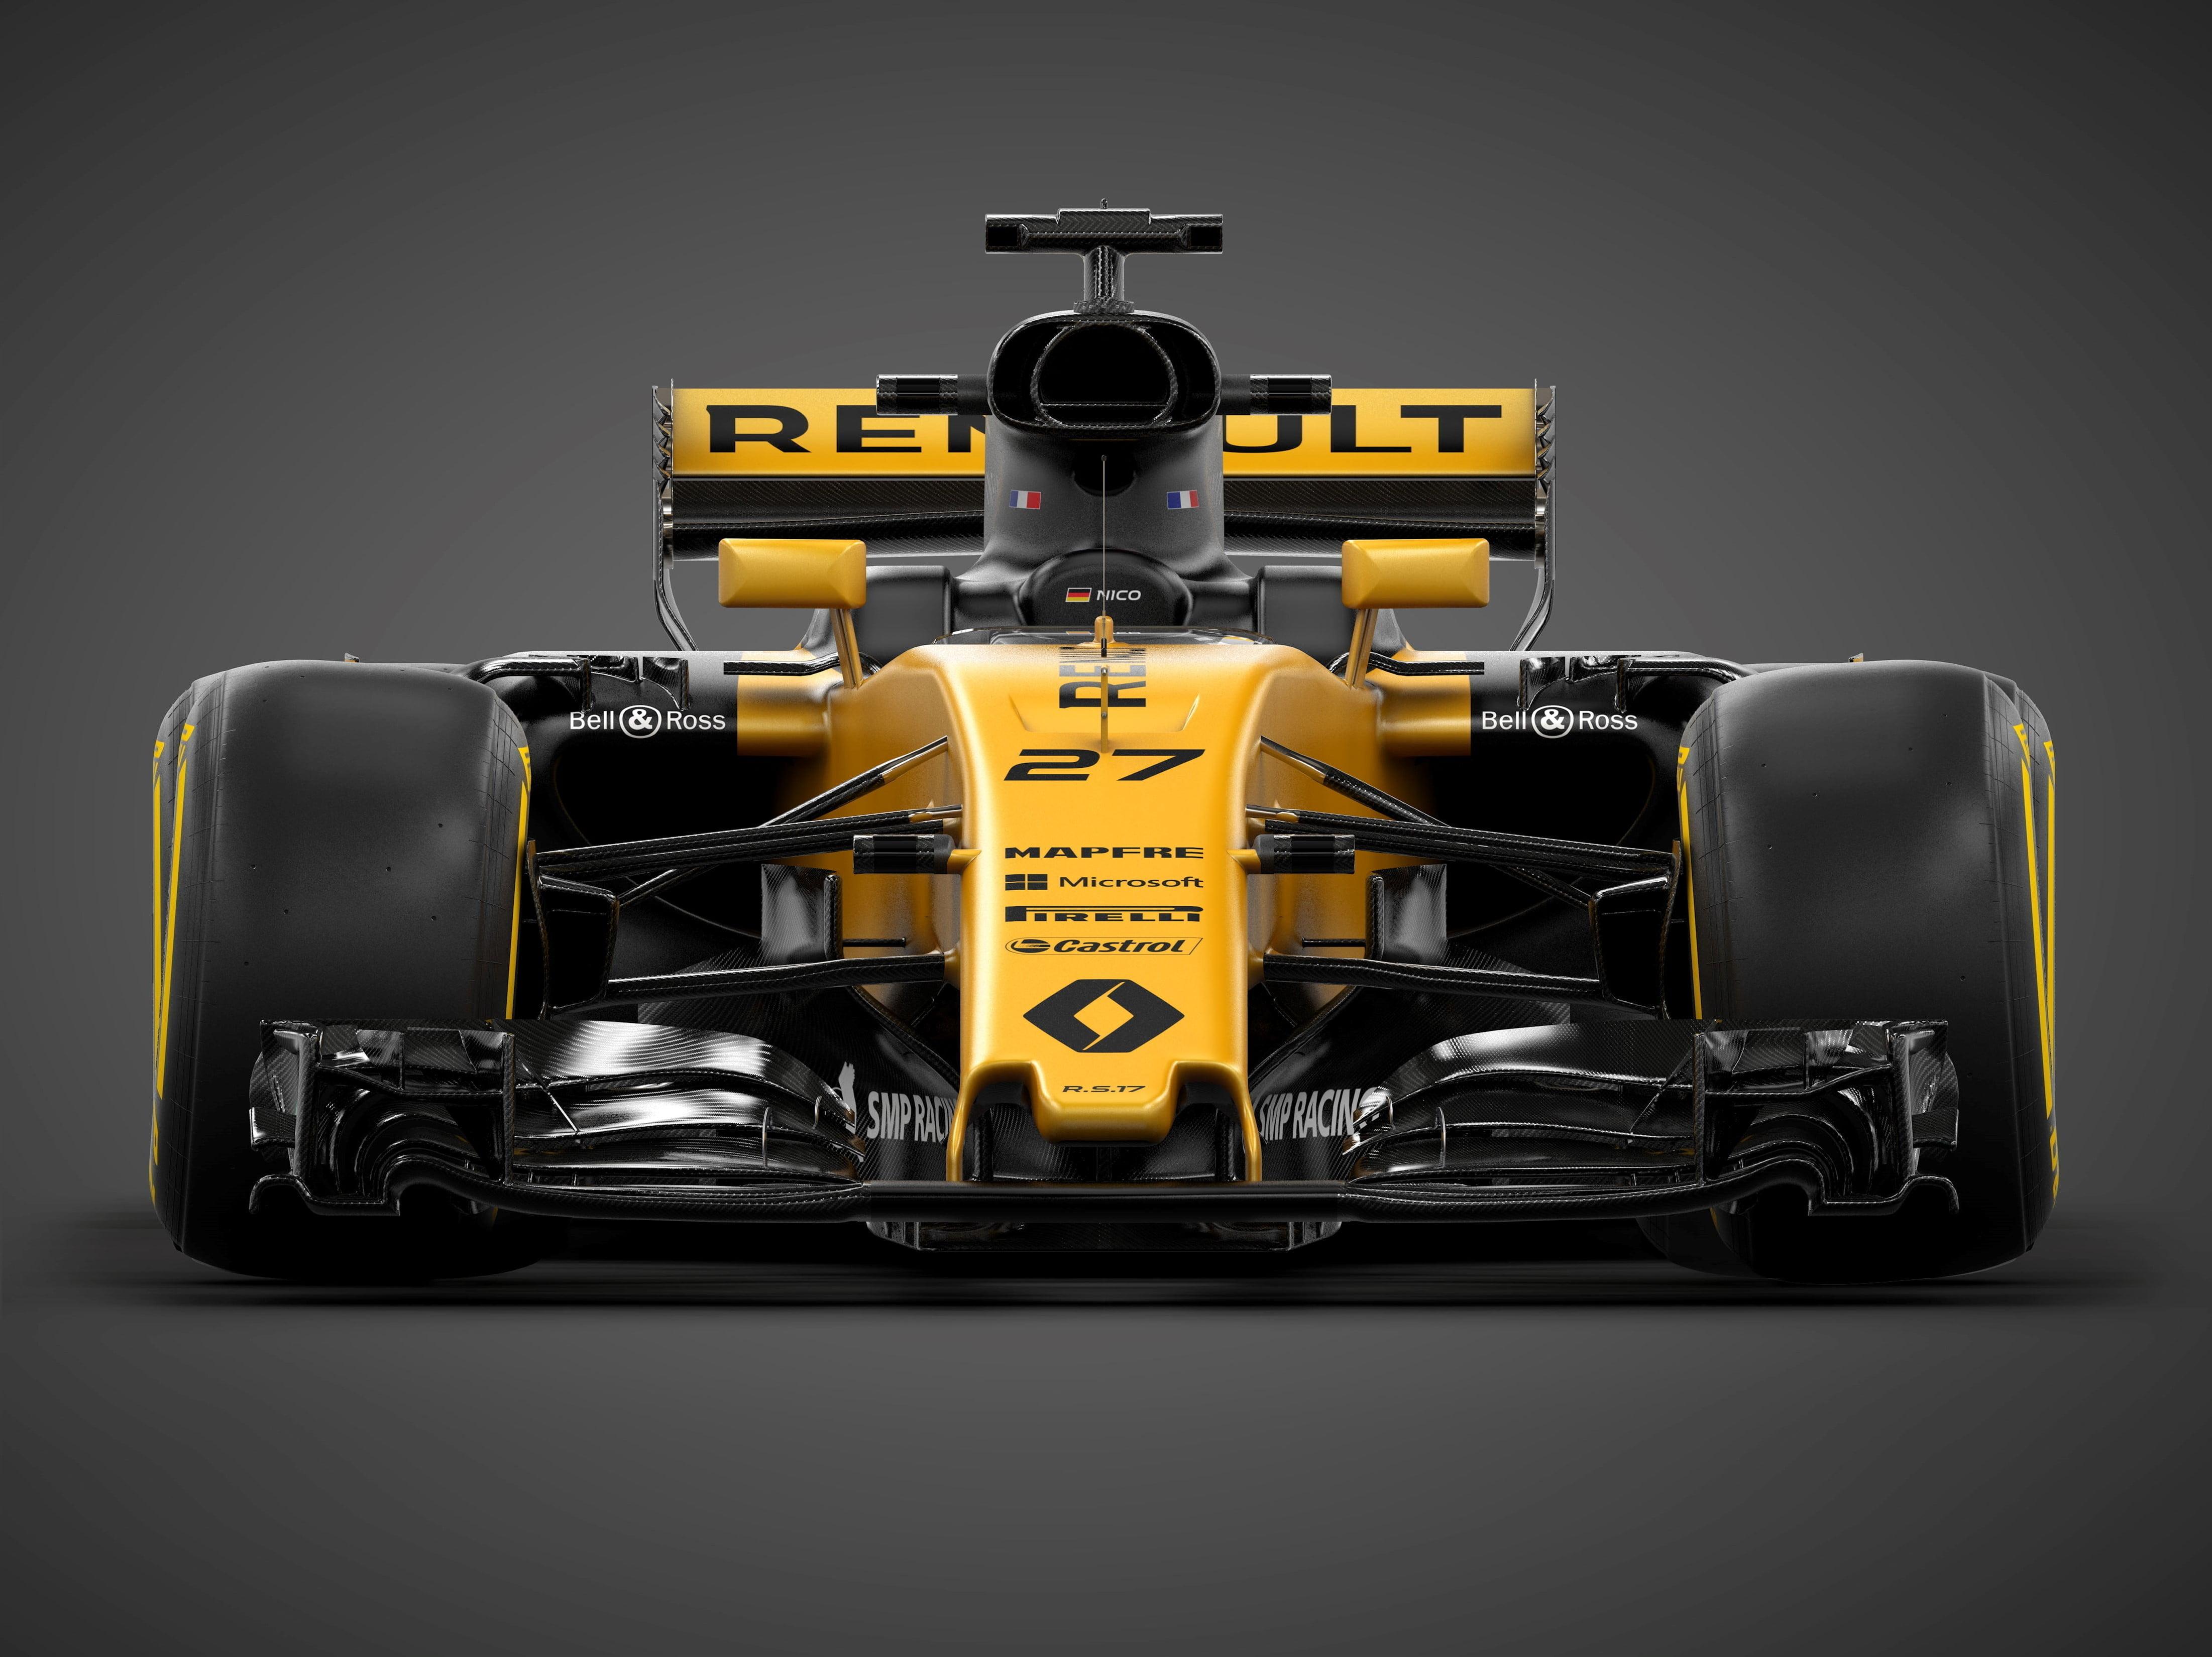 1487762730_Renault_87319_global_en